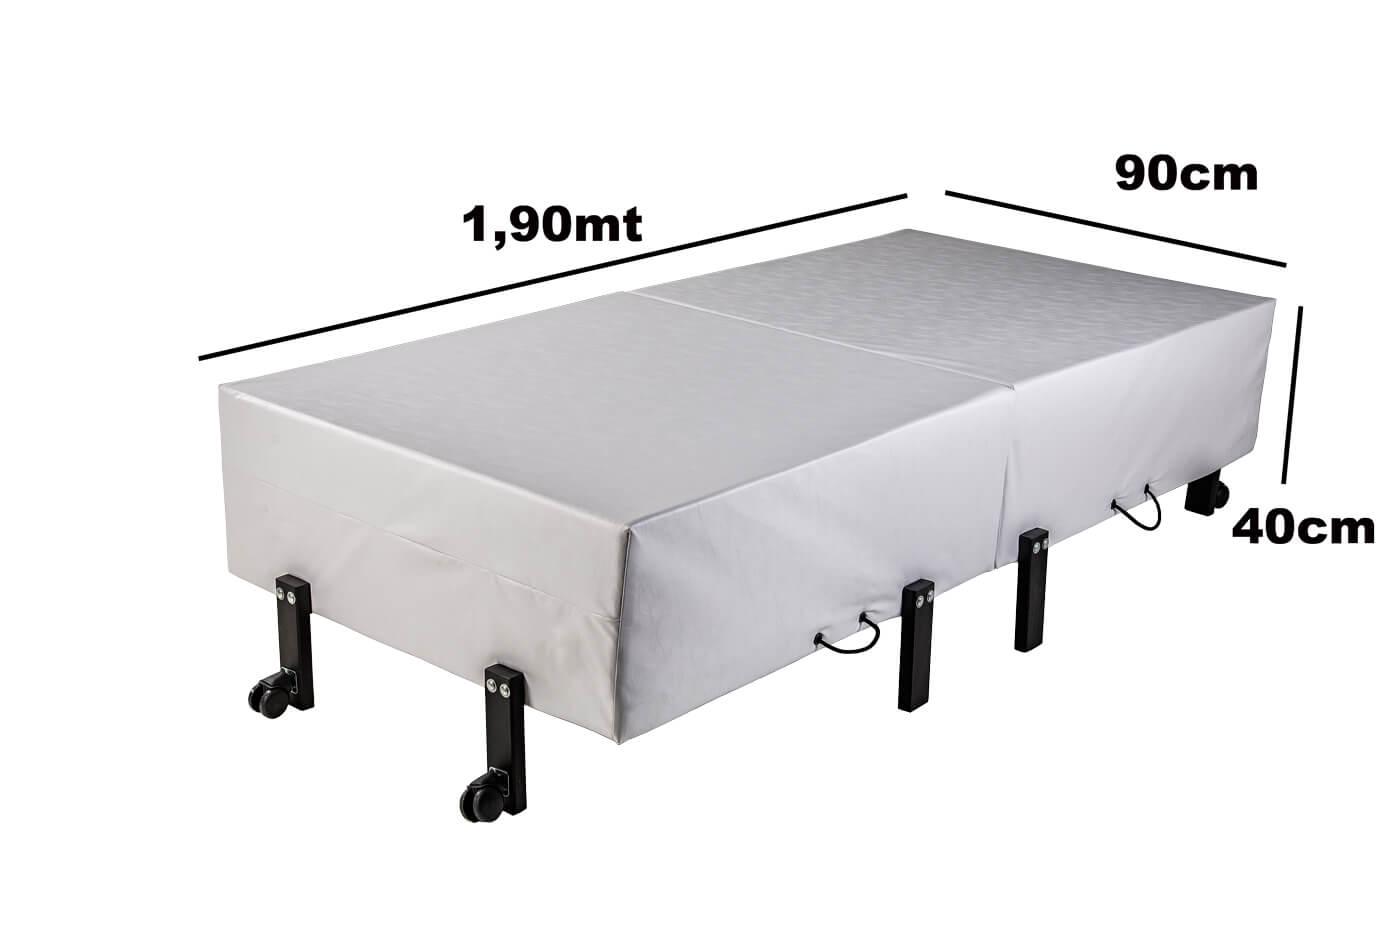 Cama Dobrável, Solteiro de Abrir com Colchão Embutido 0,90x1,90 em NAPA  - Kenko Premium Colchões